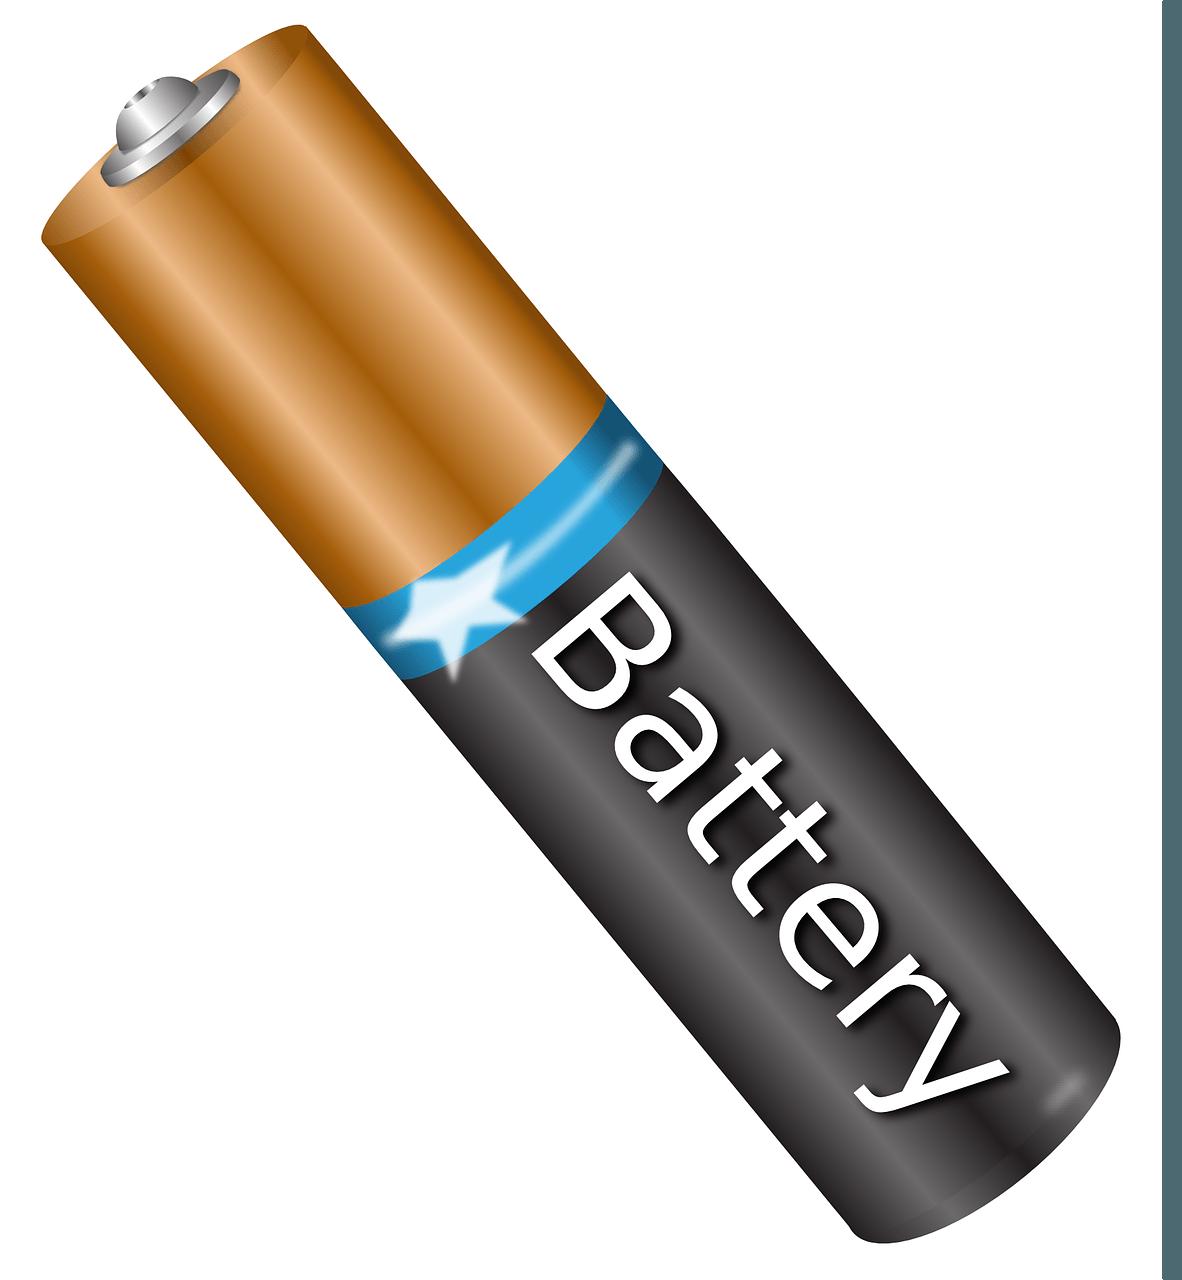 Vad används AAA-batterier för?